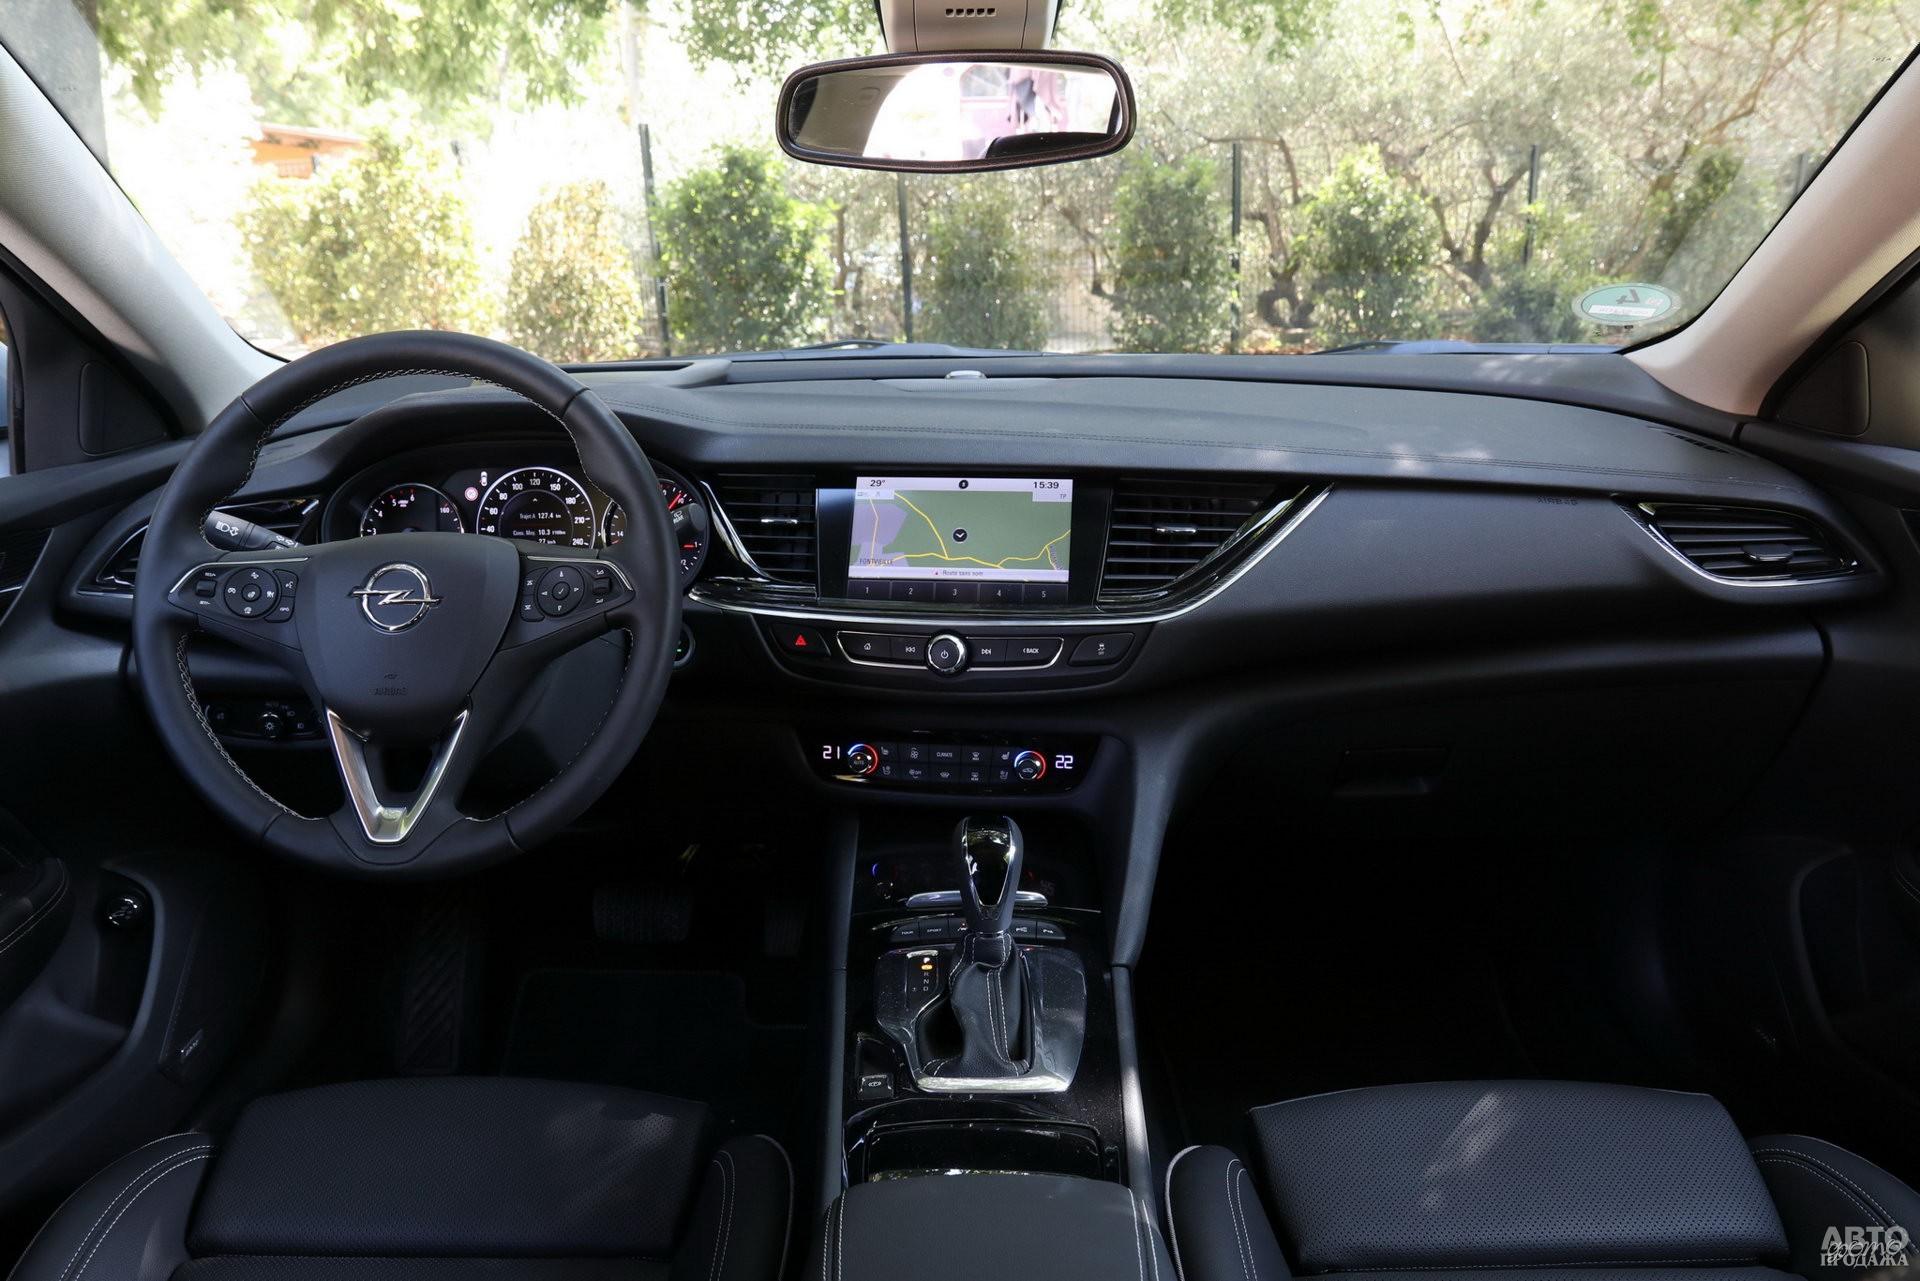 Циферблаты приборов Opel разделены цифровым спидометром